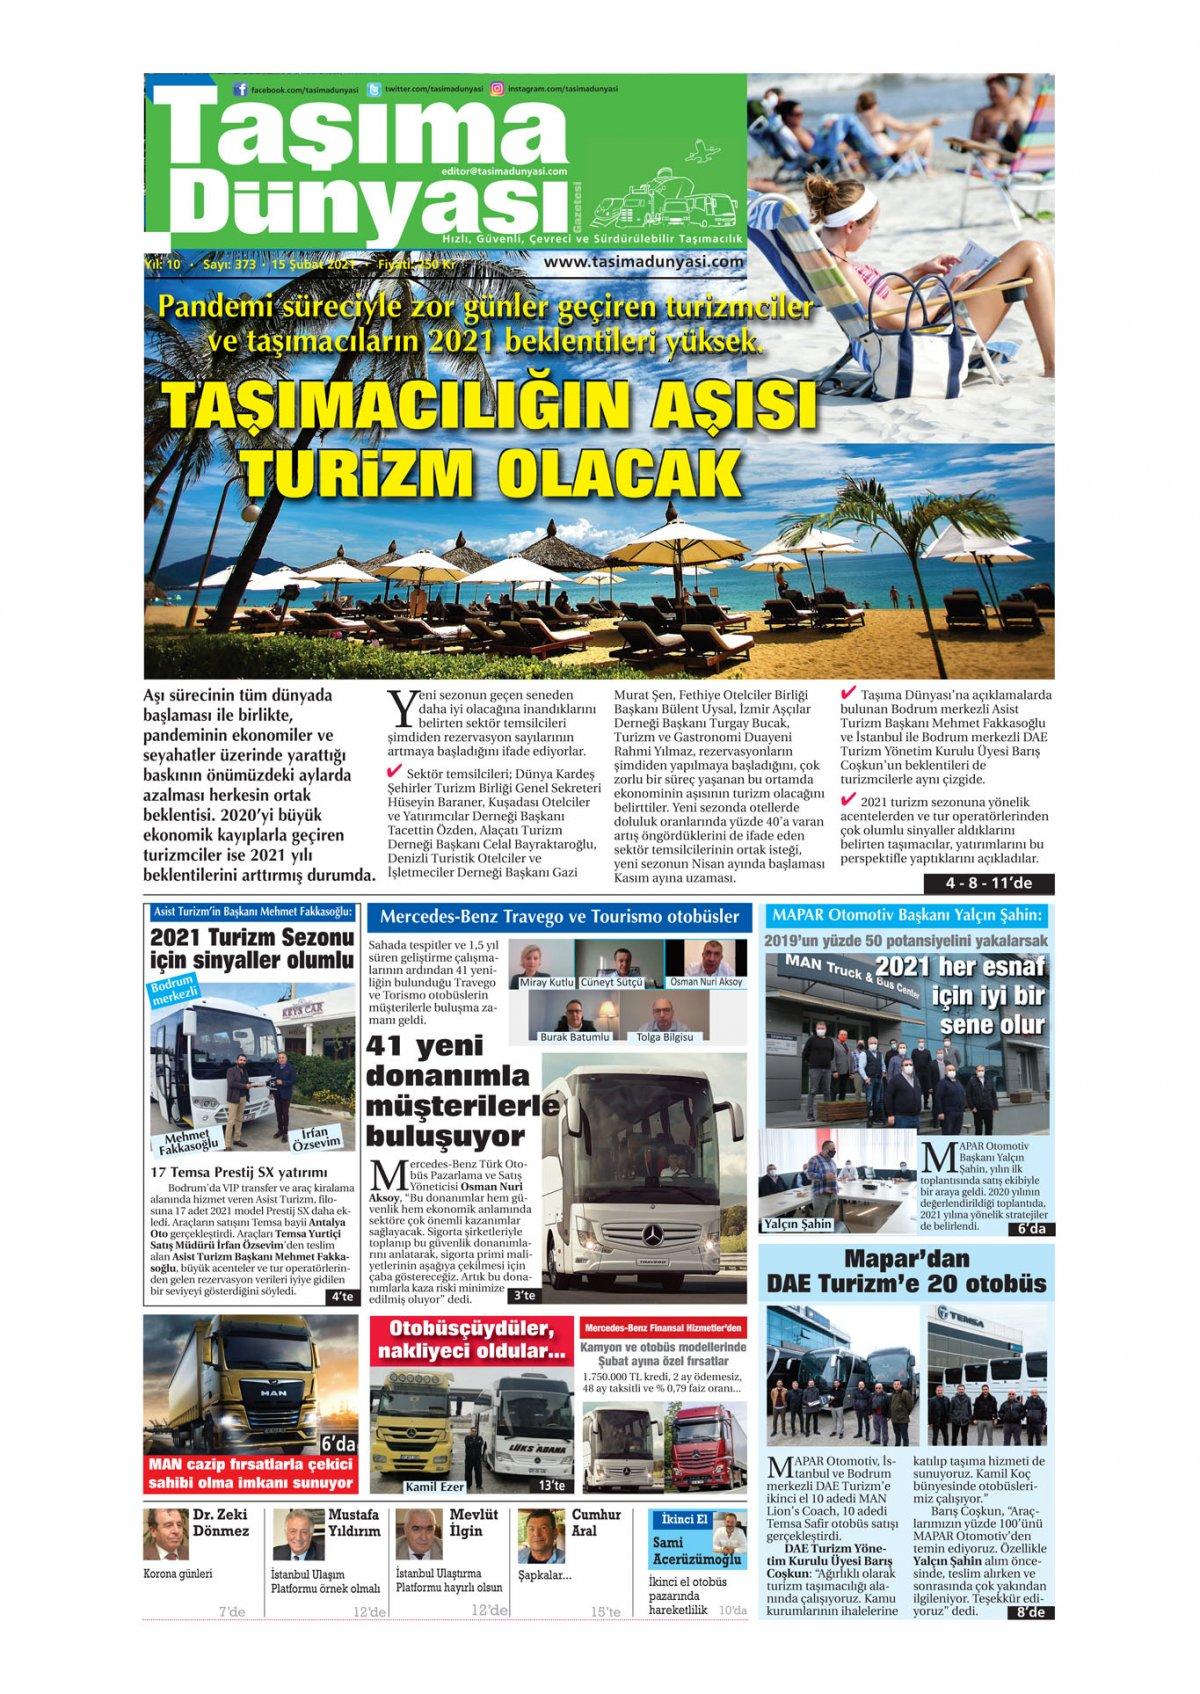 Taşıma Dünyası Gazetesi - 15.02.2021 Manşeti